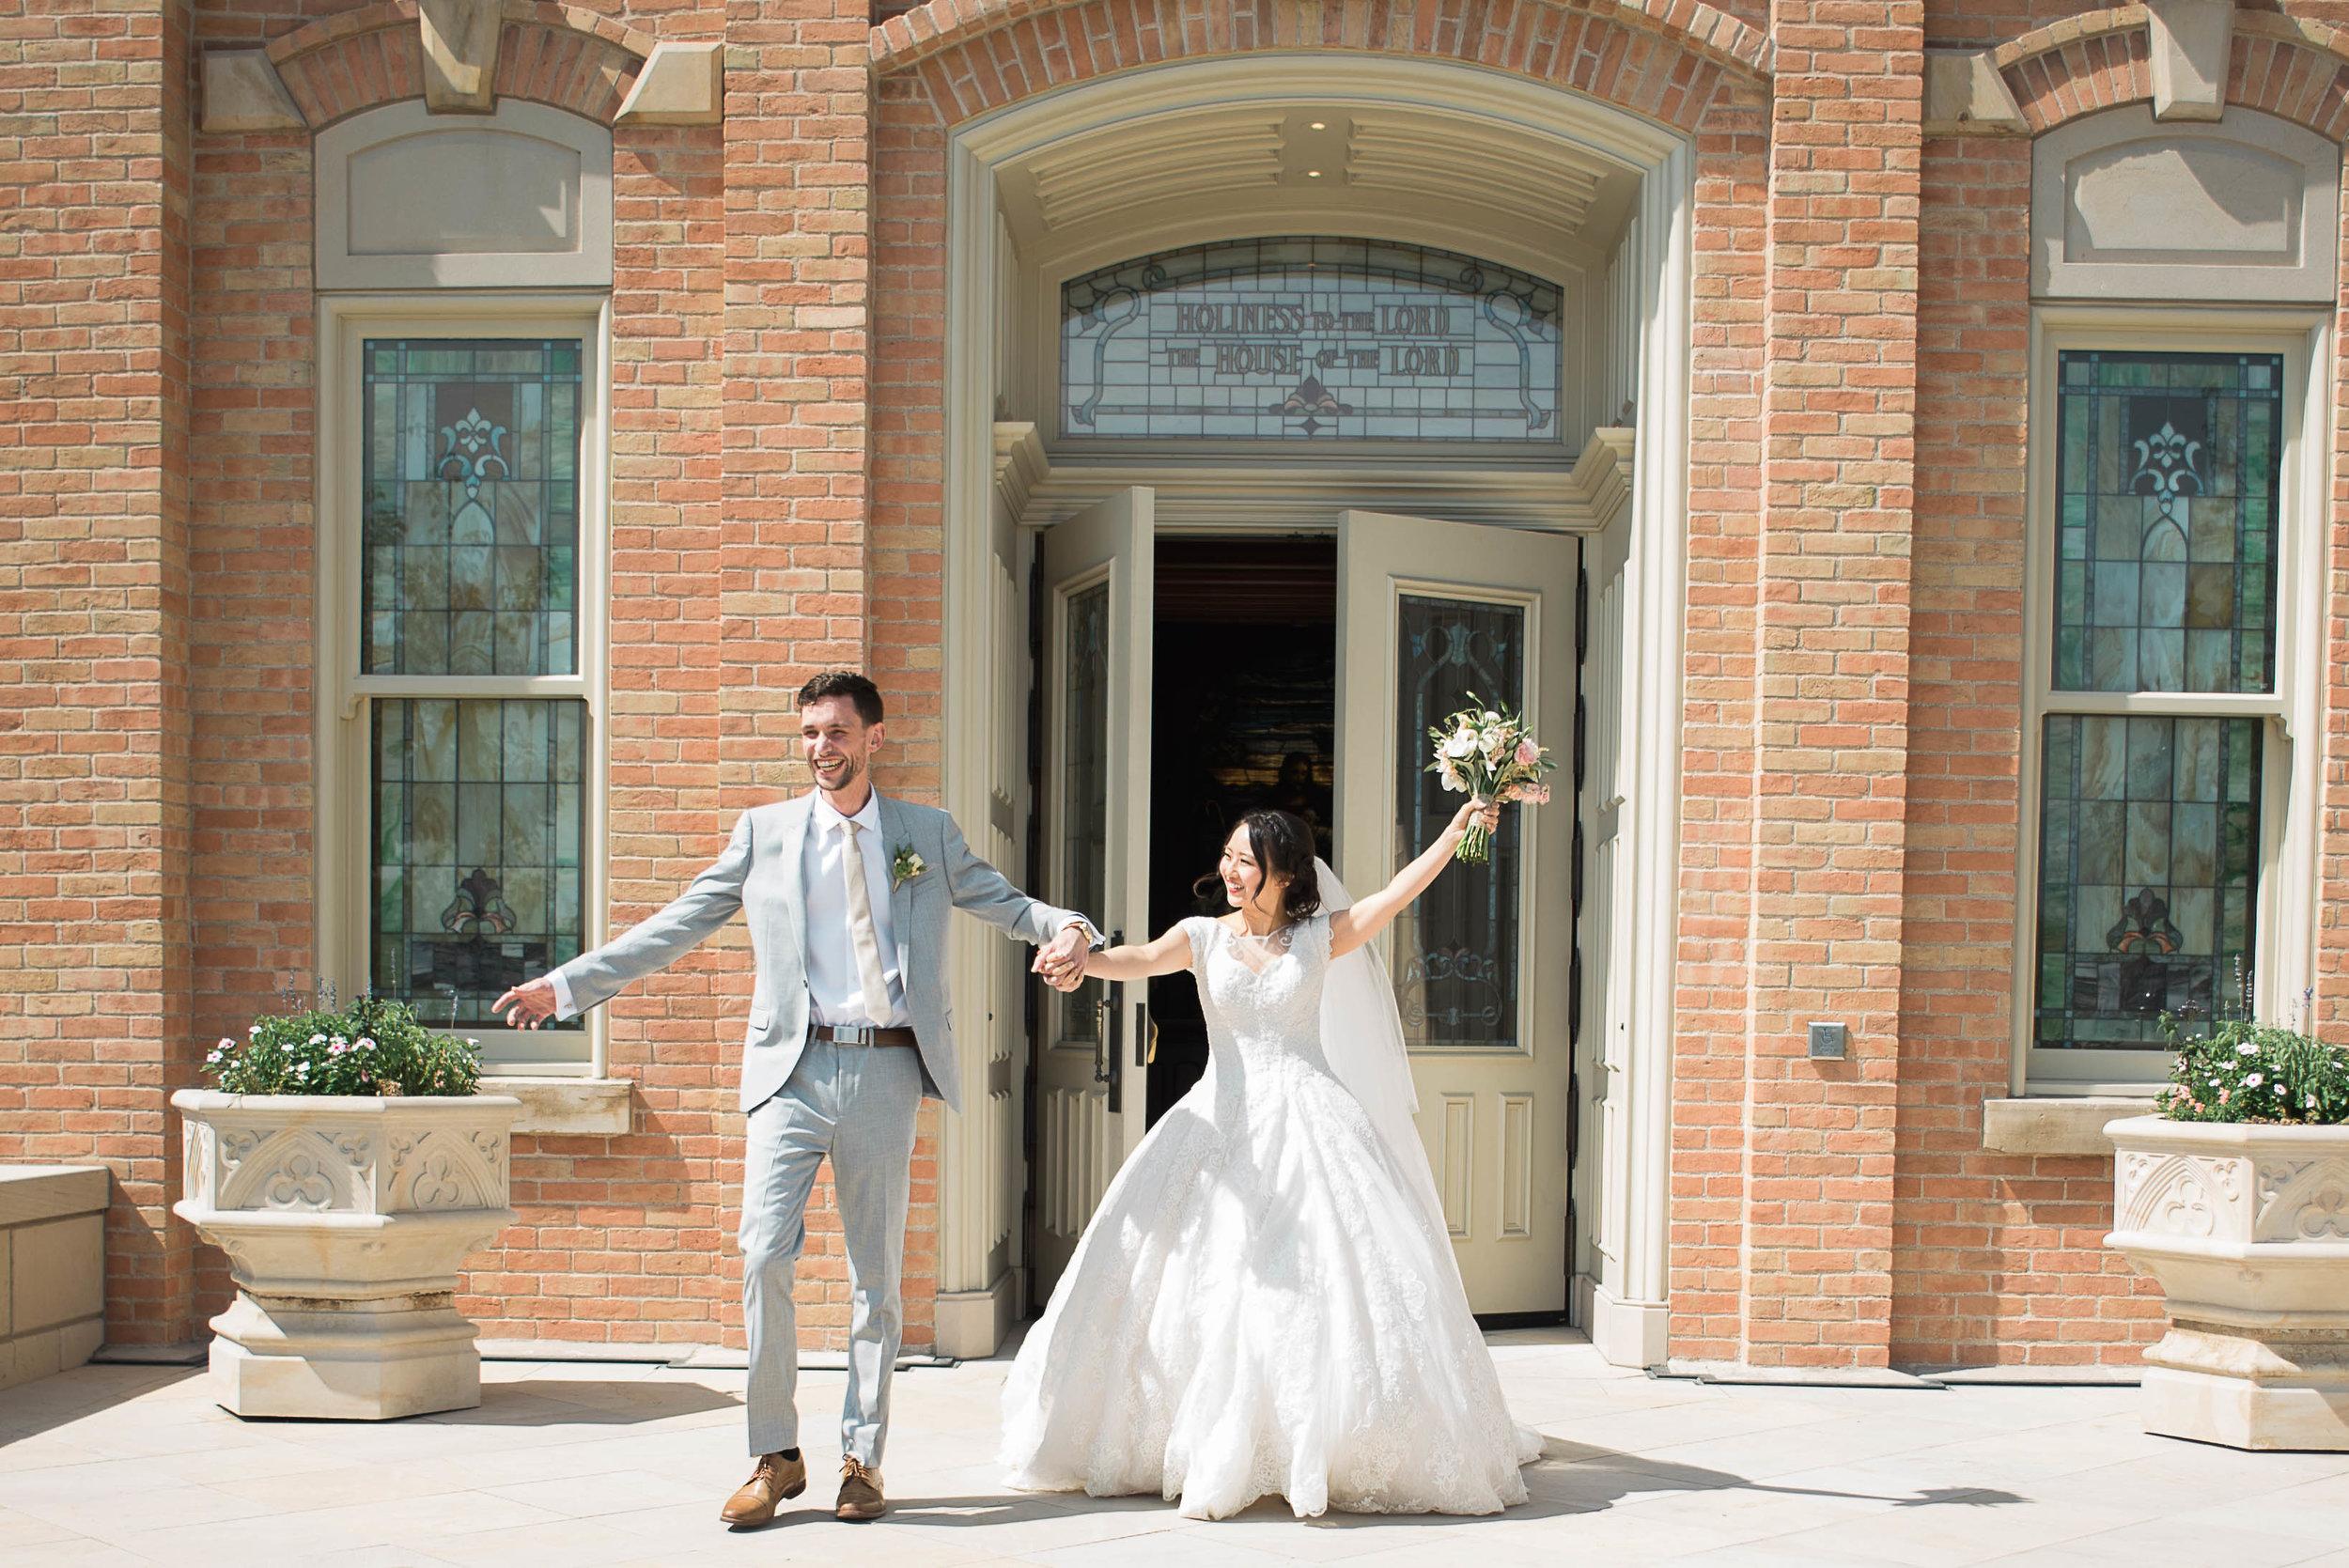 JAYMIE+JORDAN-WEDDING DAY-Sadie_Banks_Photography-8.jpg